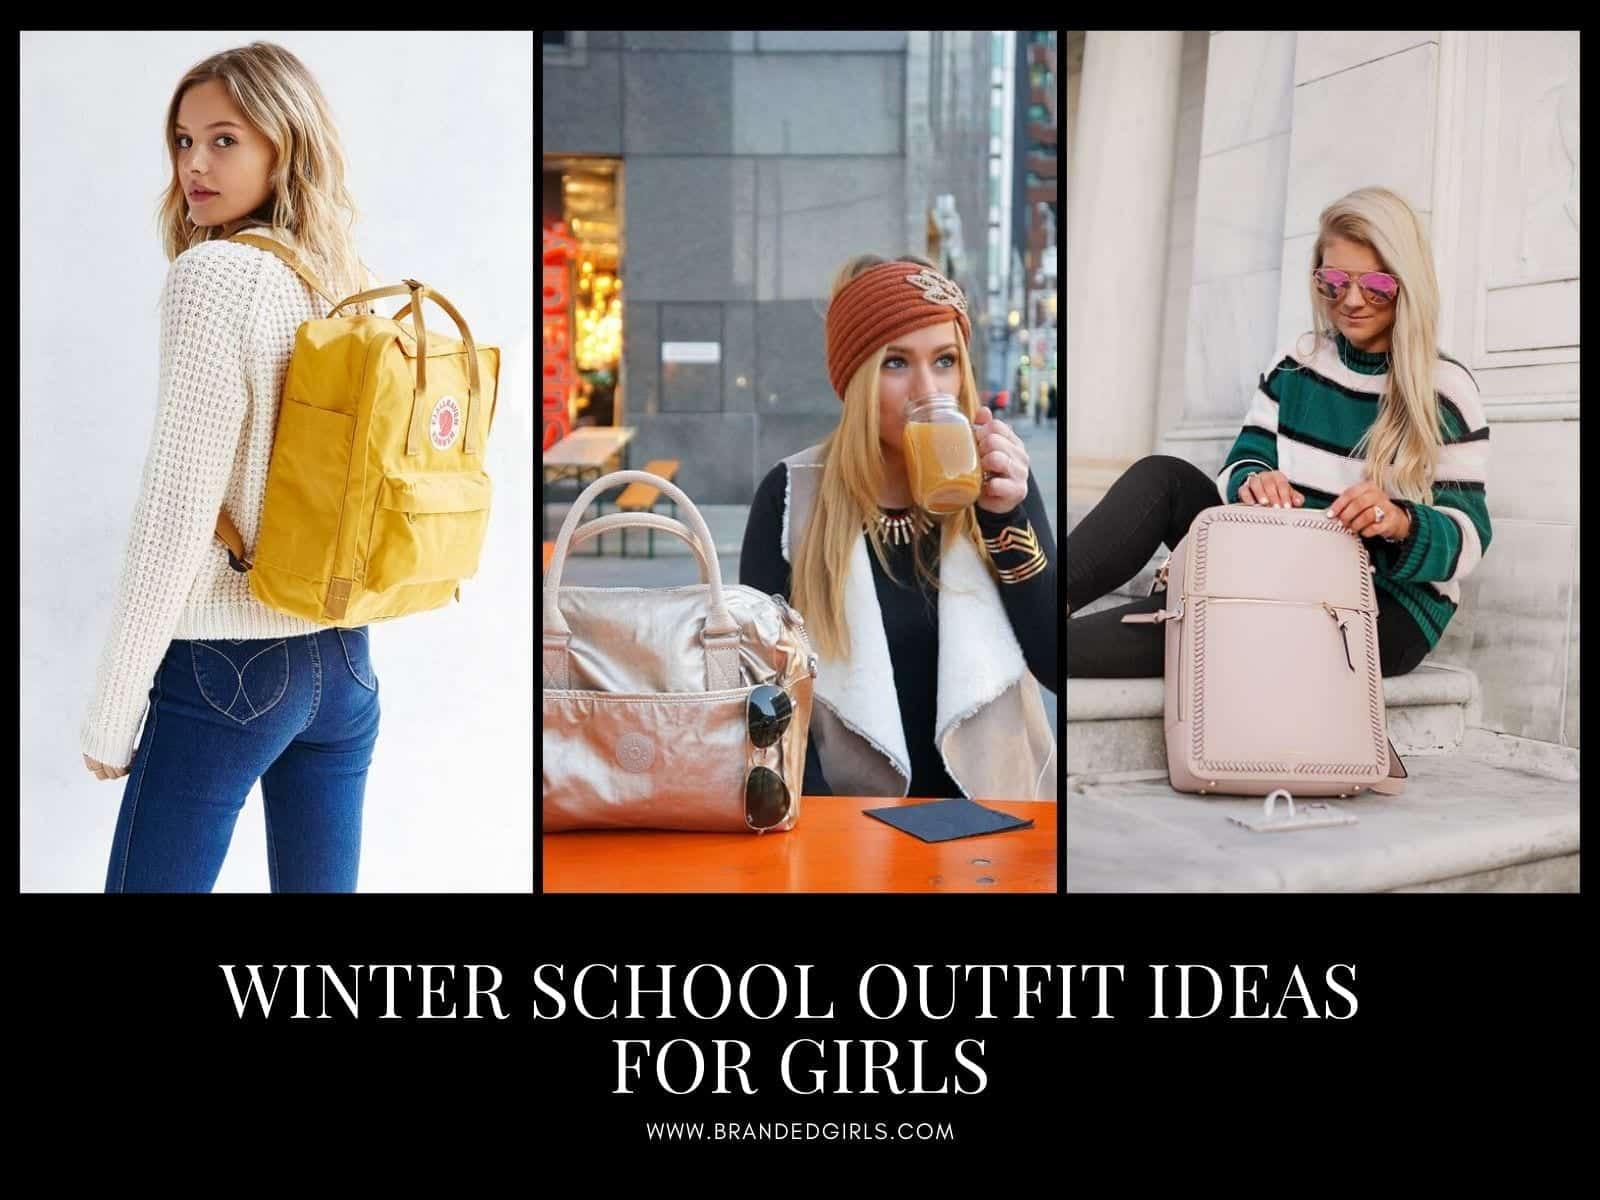 Winter-School-Outfit-Ideas Winter School Outfit Ideas-20 Cute Dressing Ideas for School Girls